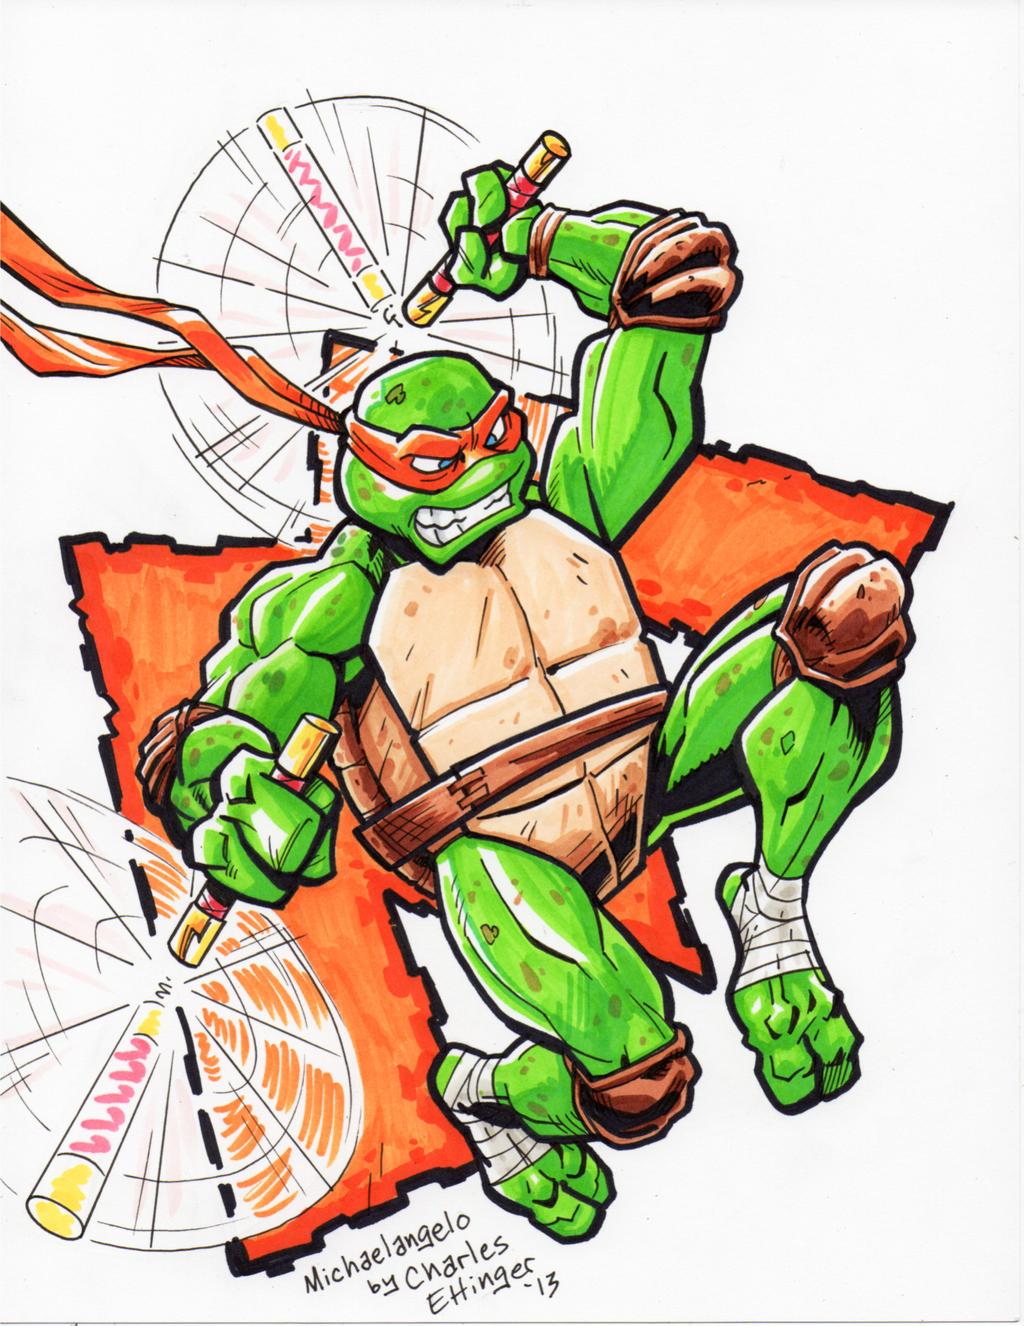 Ninja turtle michelangelo drawing - photo#1